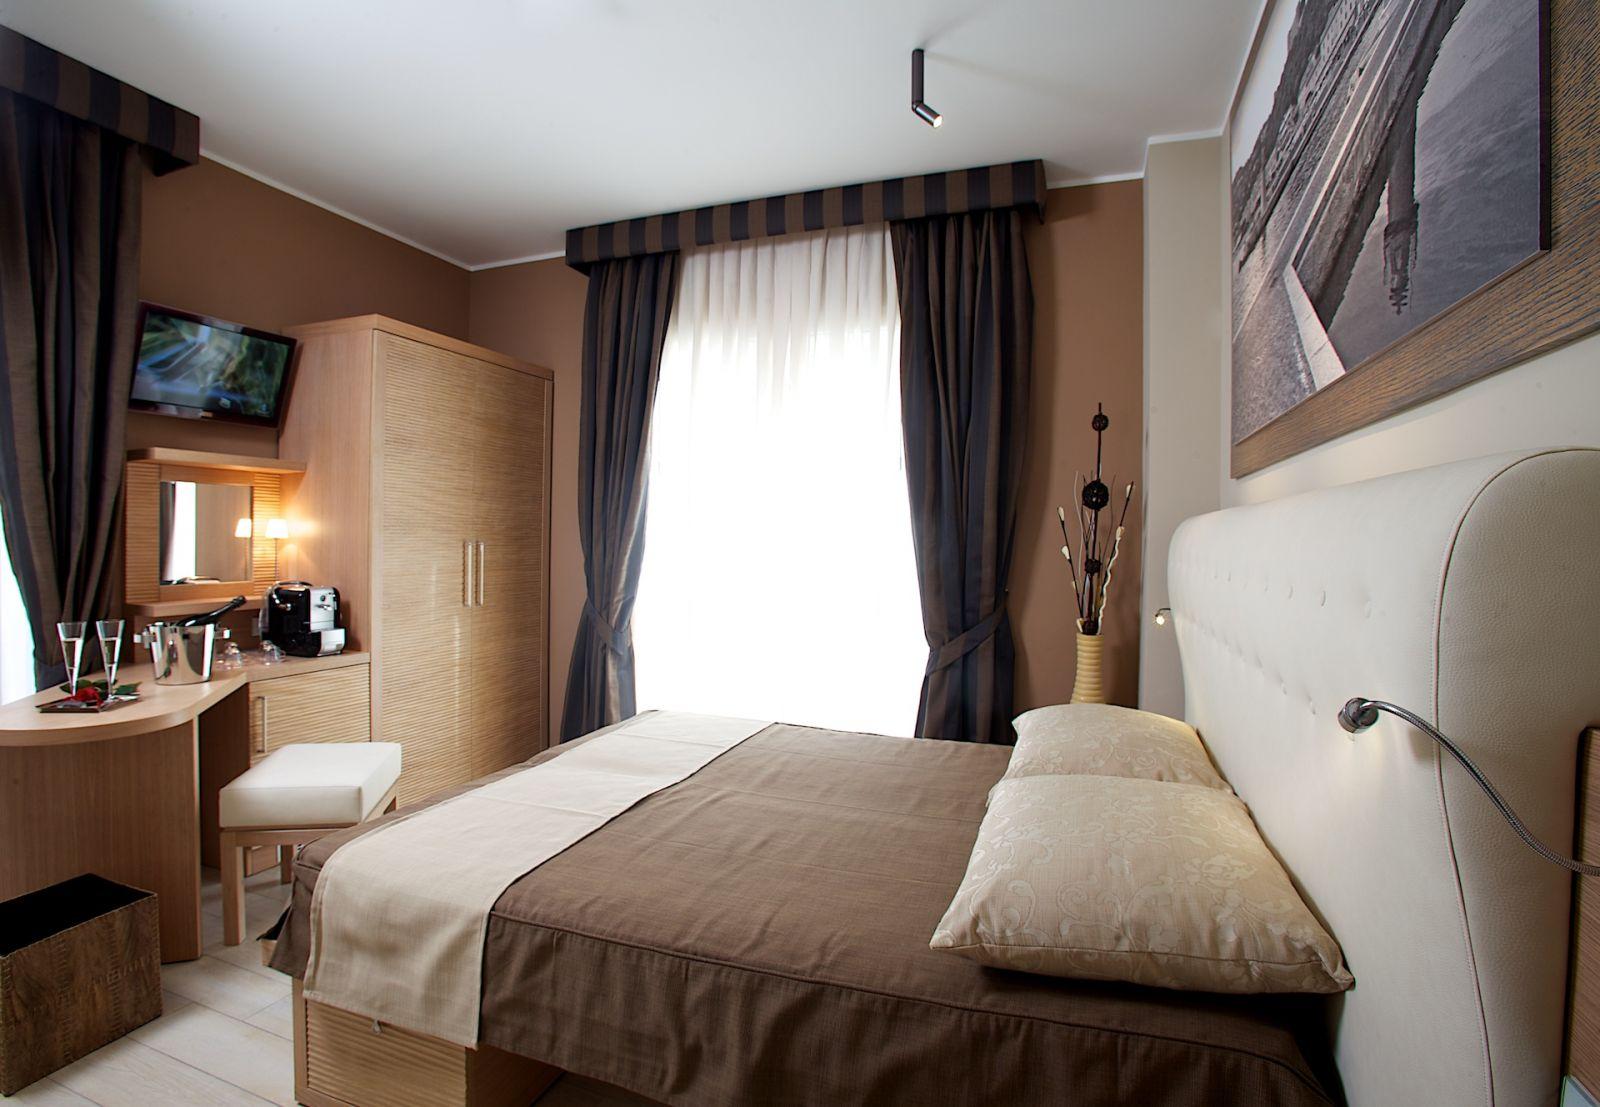 Hotel castiglione della pescaia maremma toscana c 39 era for Ristorante da antonietta castiglione della pescaia